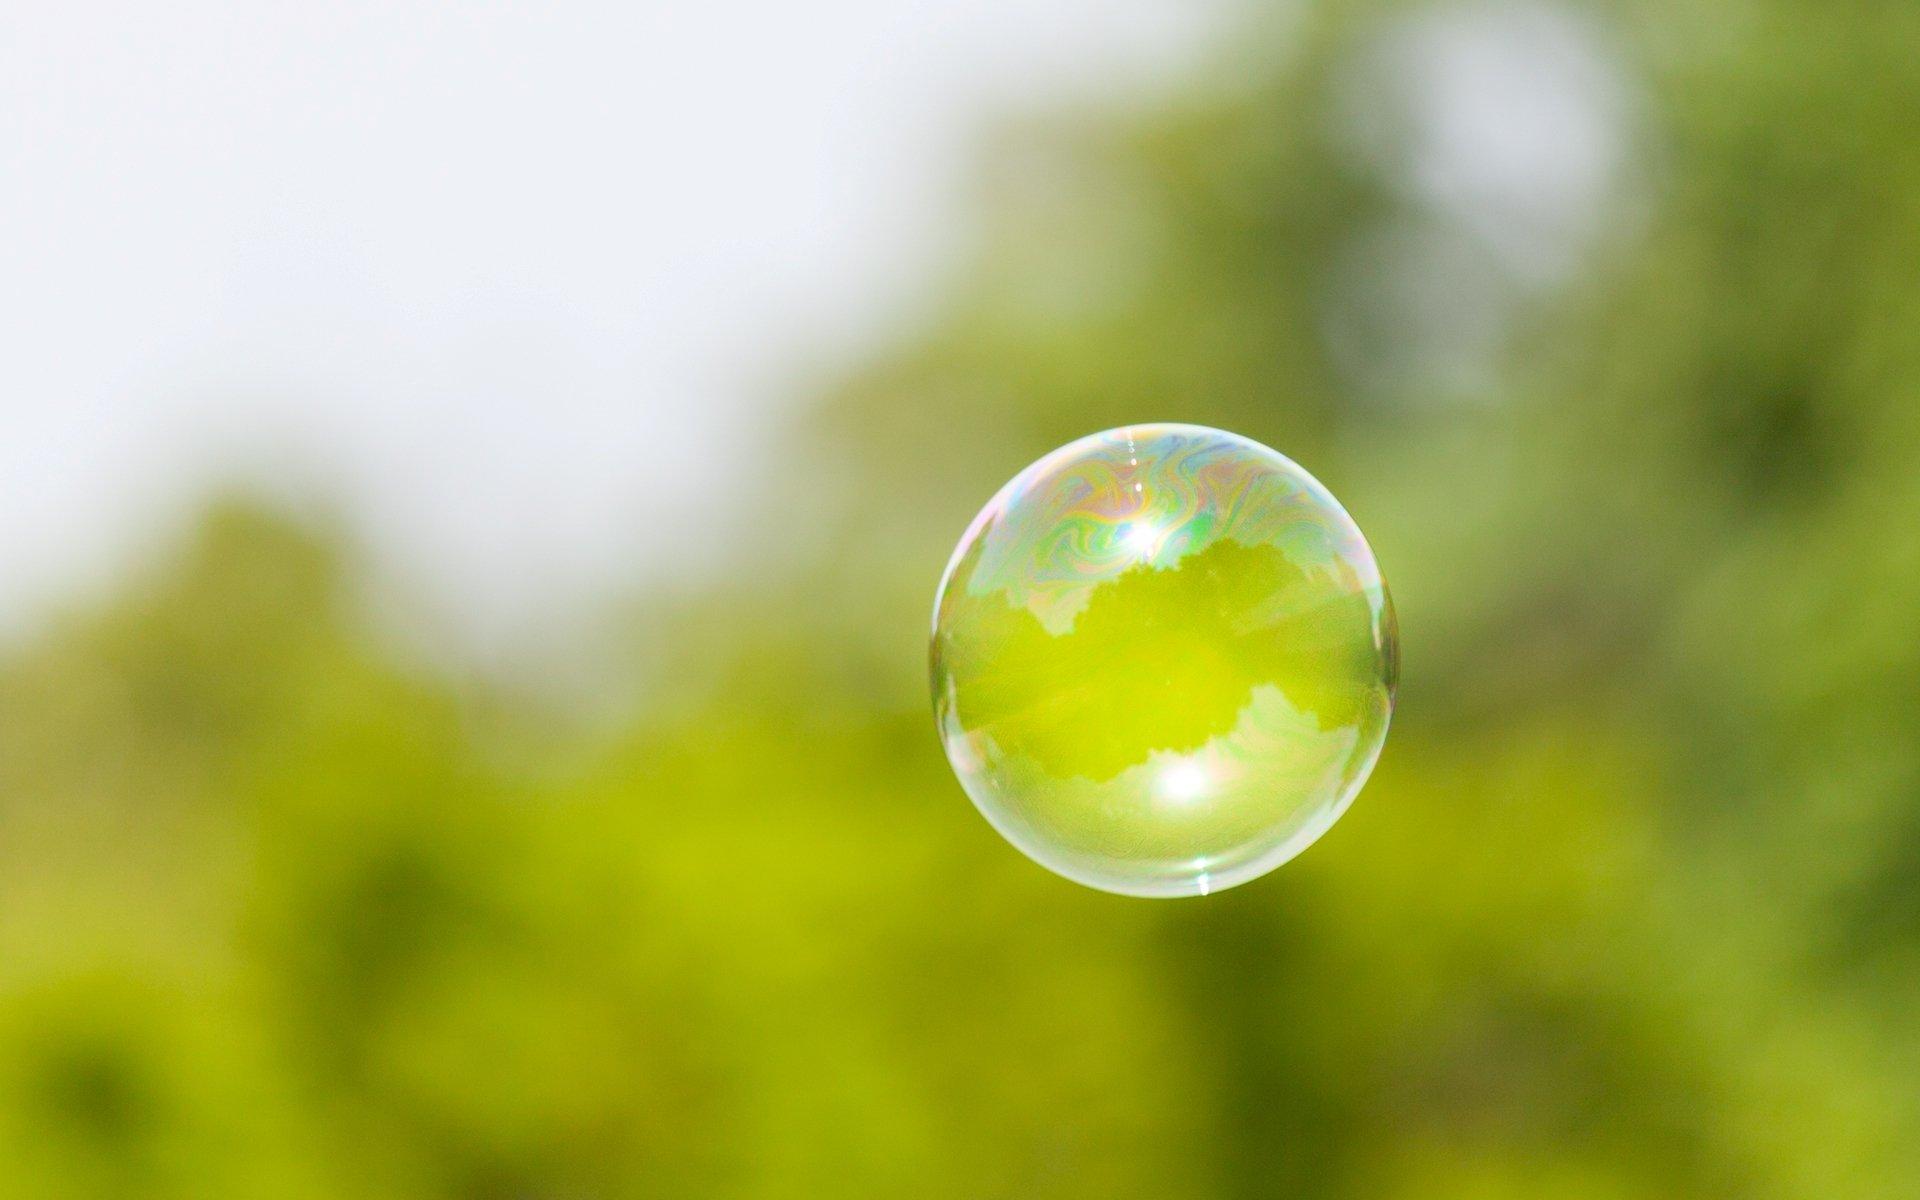 Обои для рабочего стола плавающие пузыри